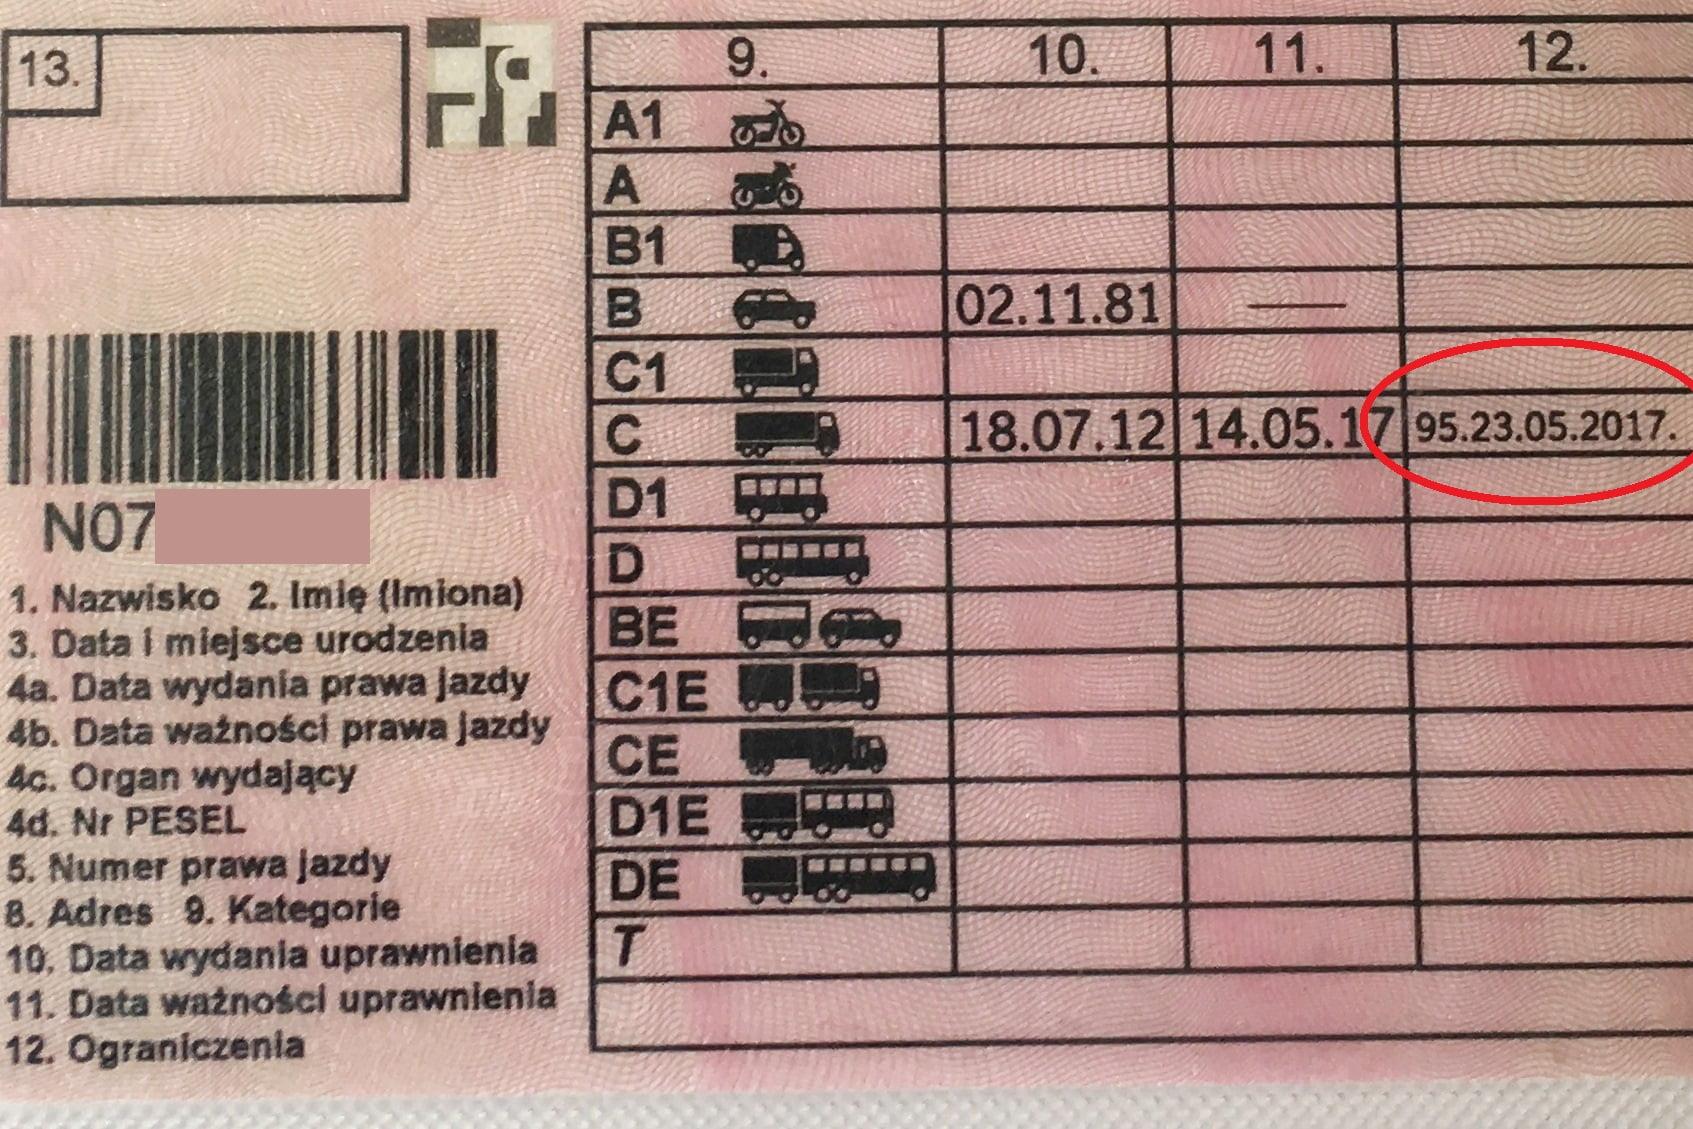 KOD 95, Co oznacza i do czego uprawnia nas KOD 95 w prawo jazdy.